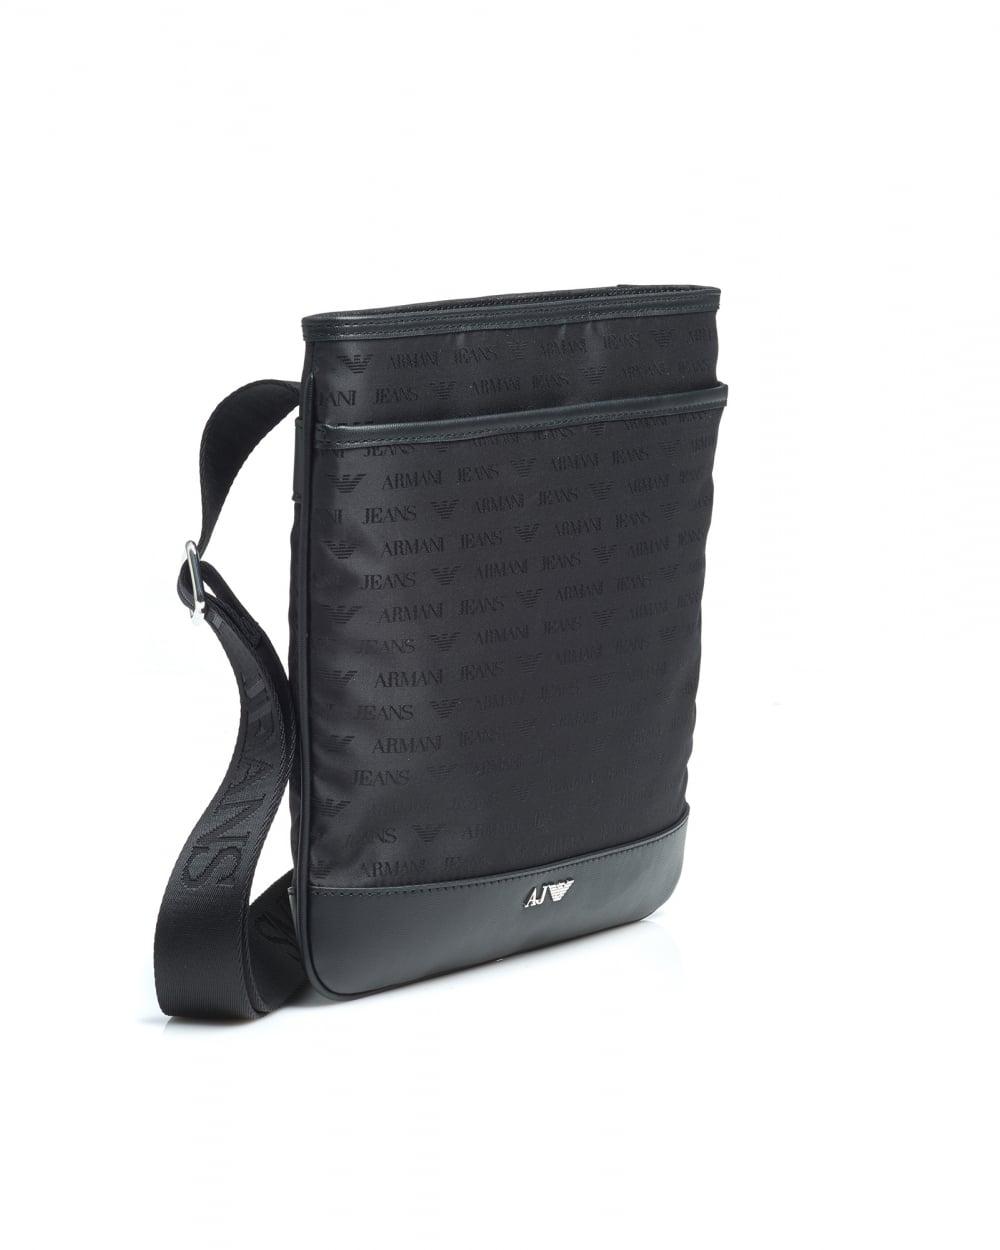 Armani Jeans Mens Black Medium All Over Logo Stash Shoulder Bag